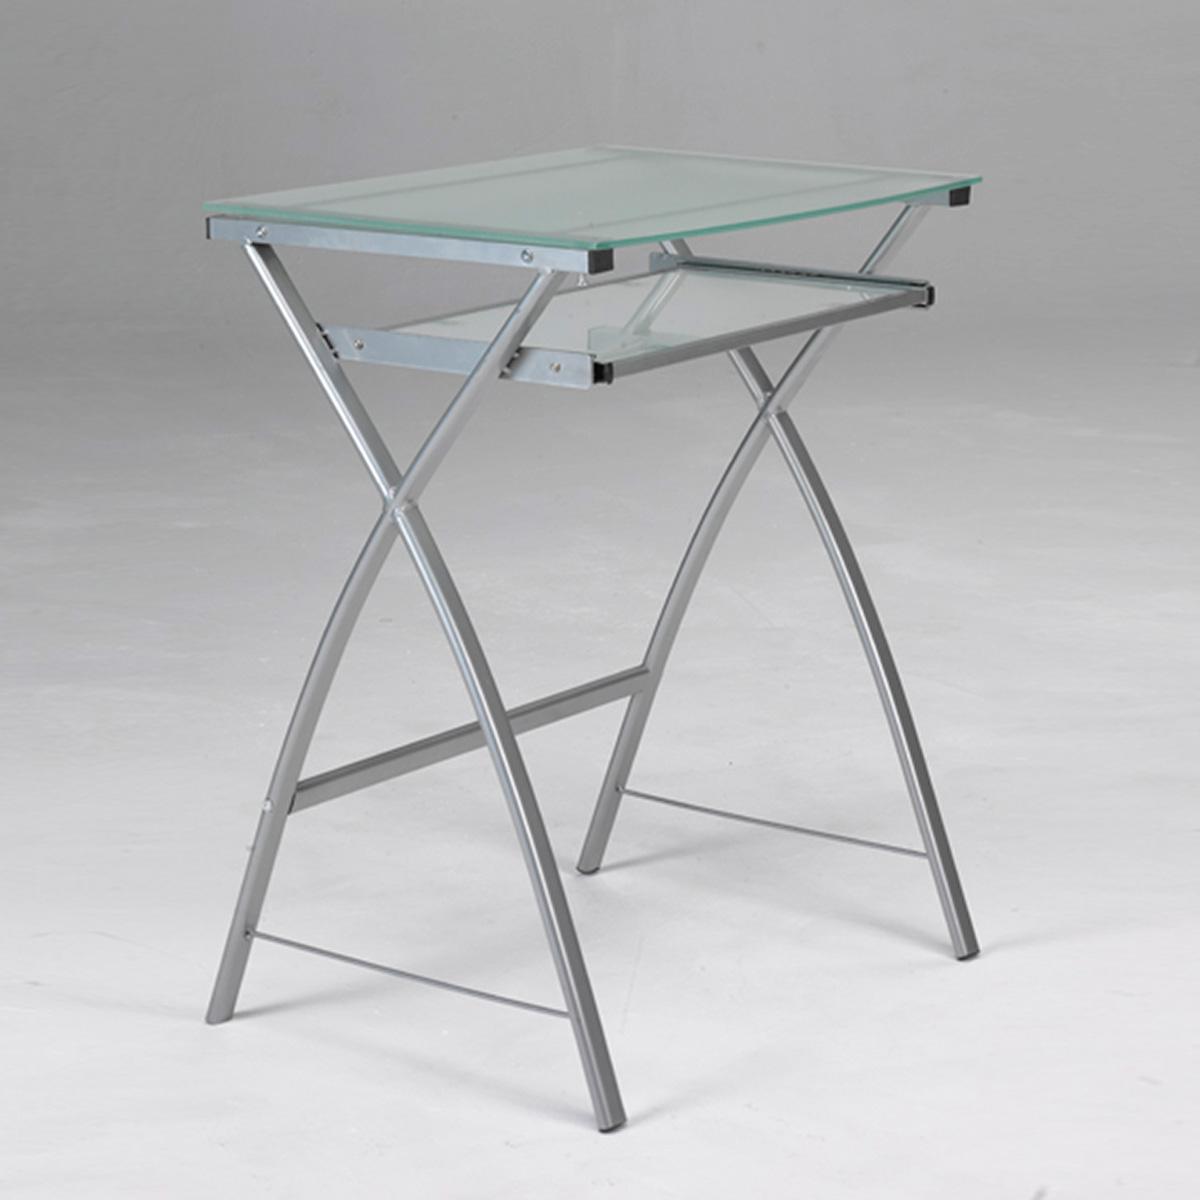 mesa ordenador cristal portateclado muebles baratos online